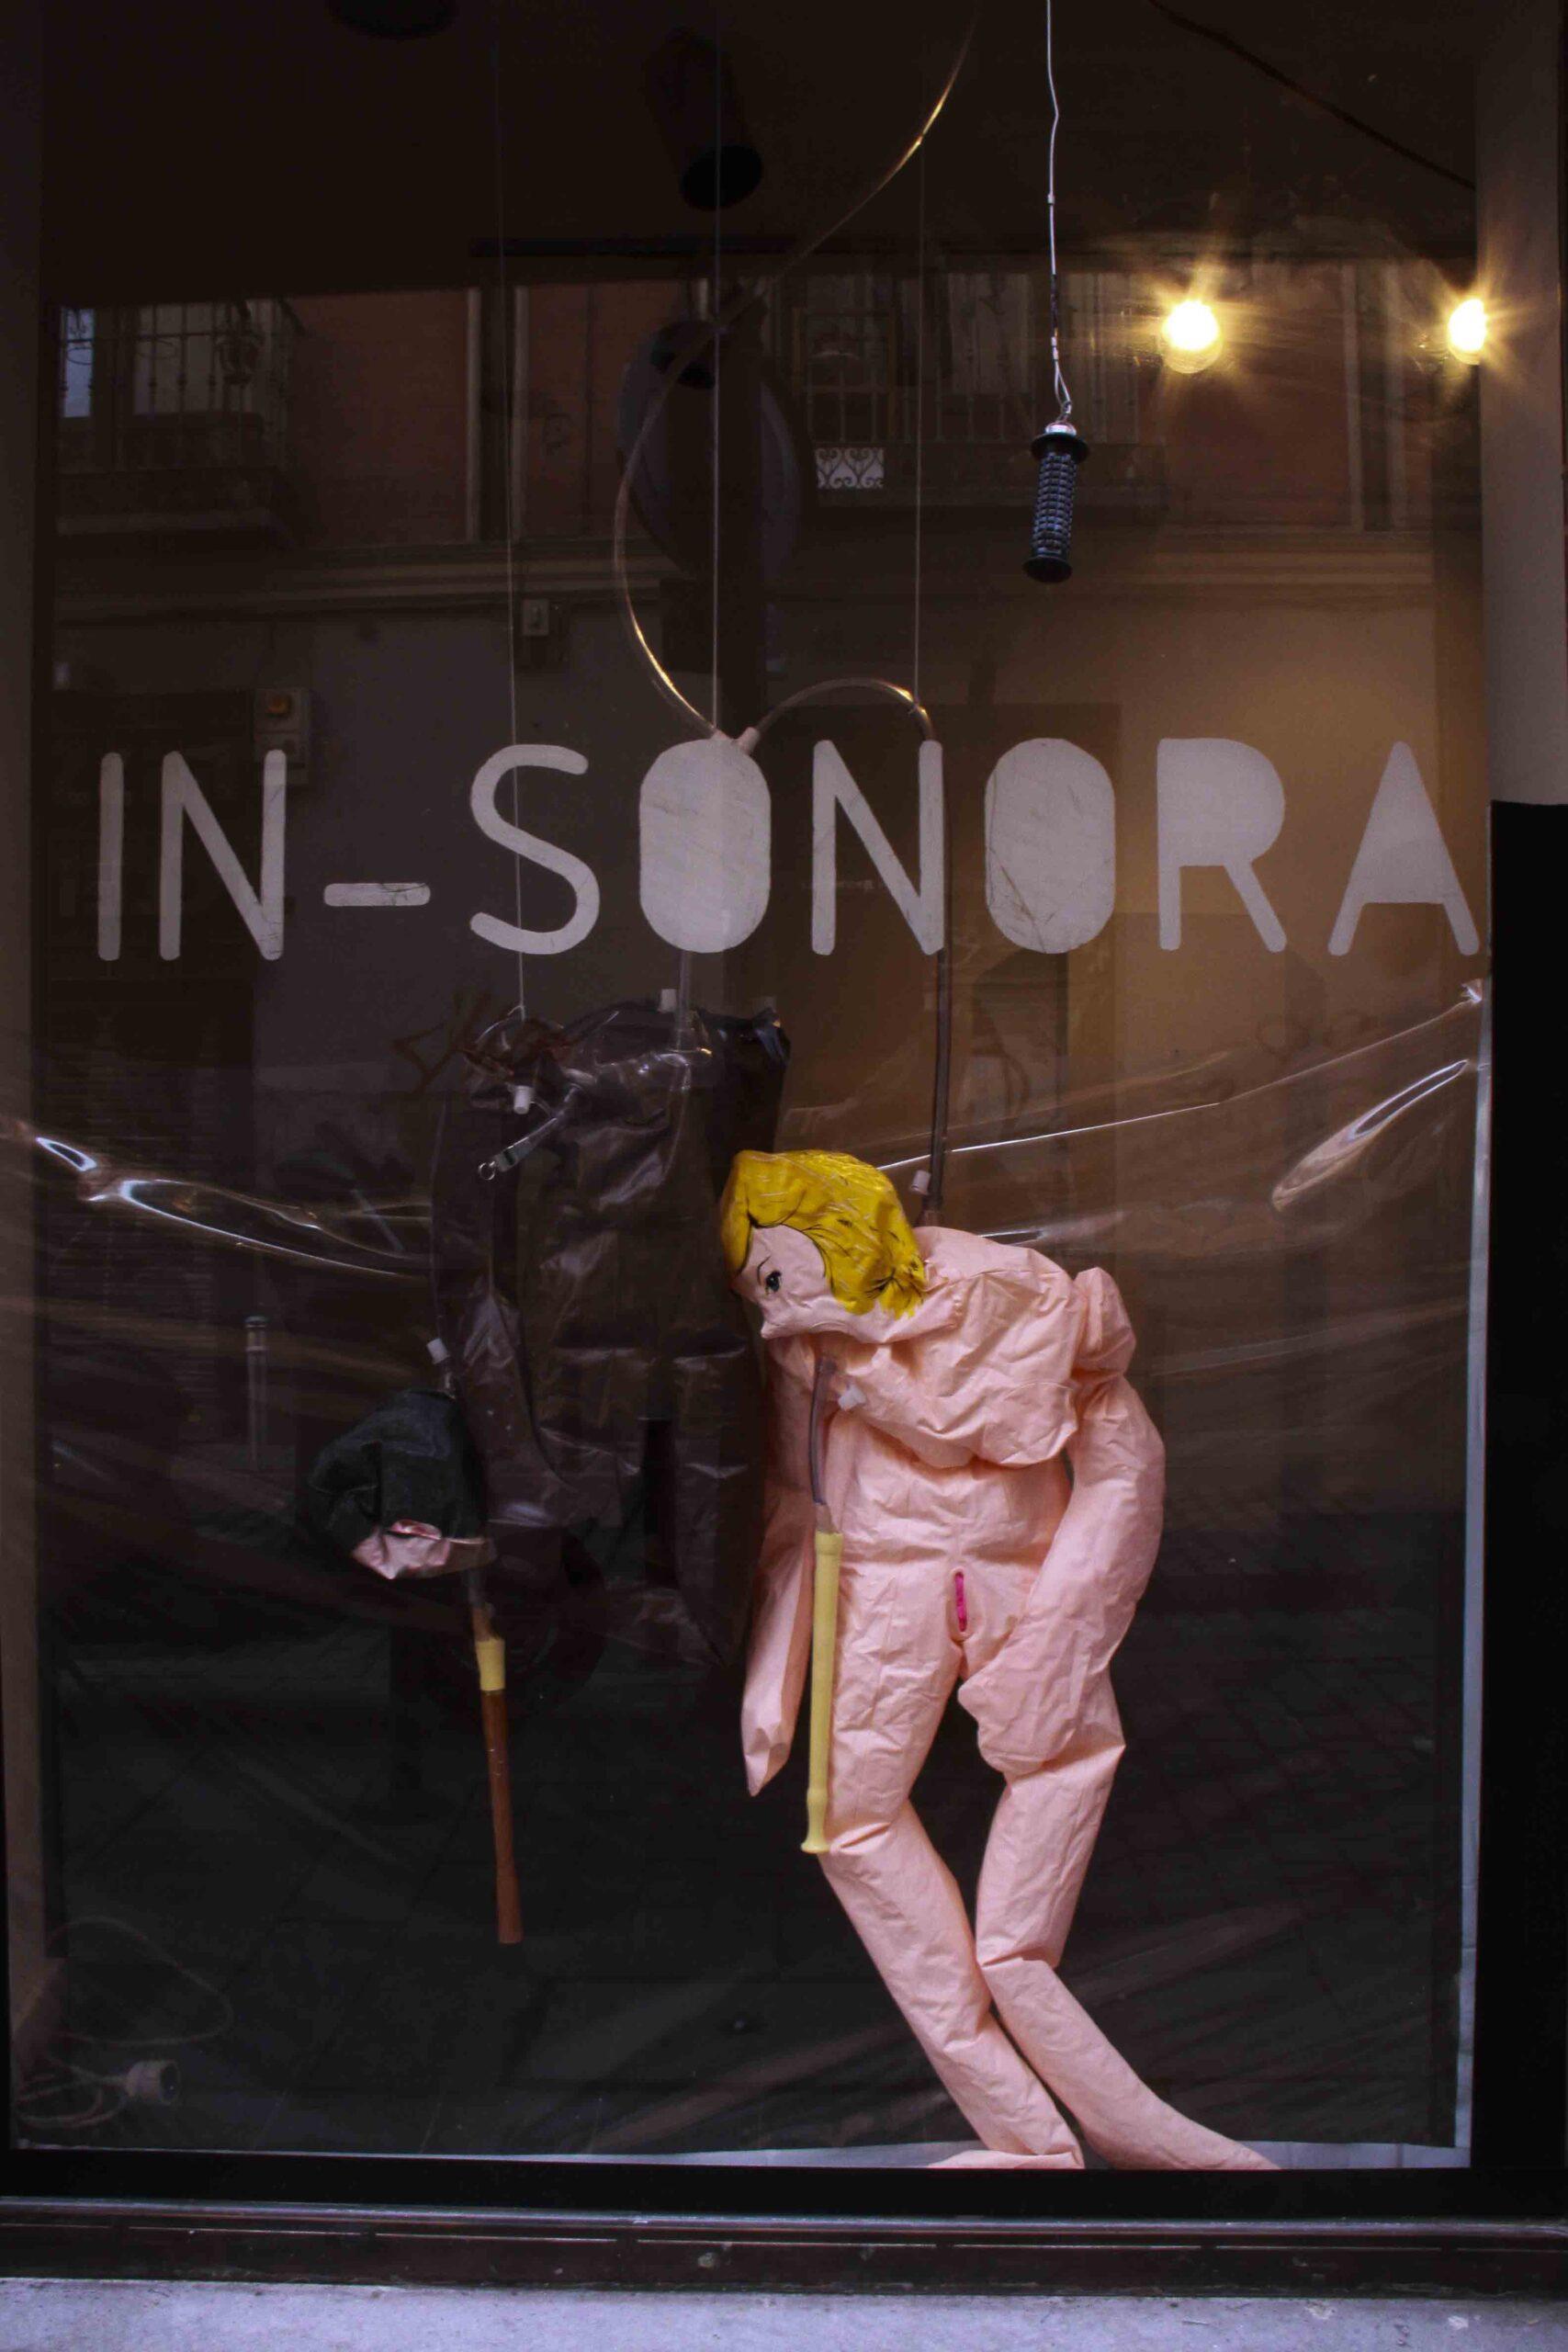 2009 – 21. IN-SONORA V_21